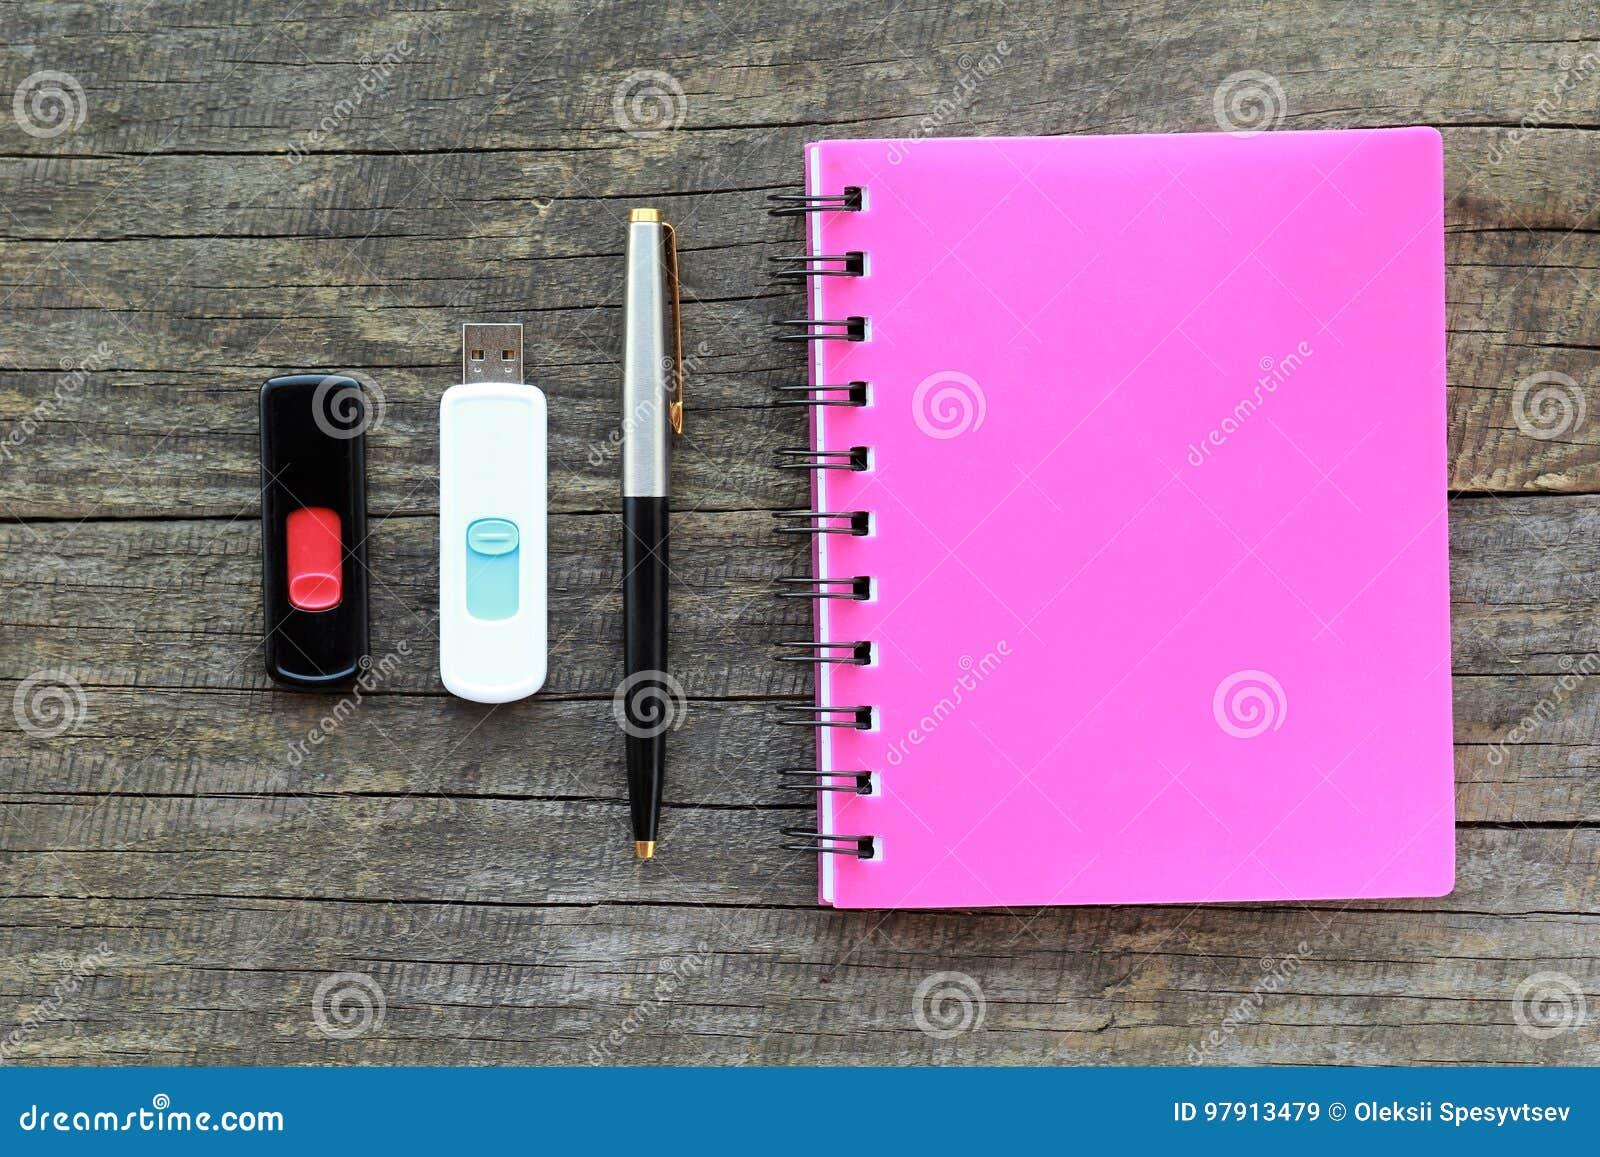 Vlak leg van kantoorbehoeften, namelijk roze begrensd notaboek, pen en twee aandrijving van de usbflits op grijze houten lijst